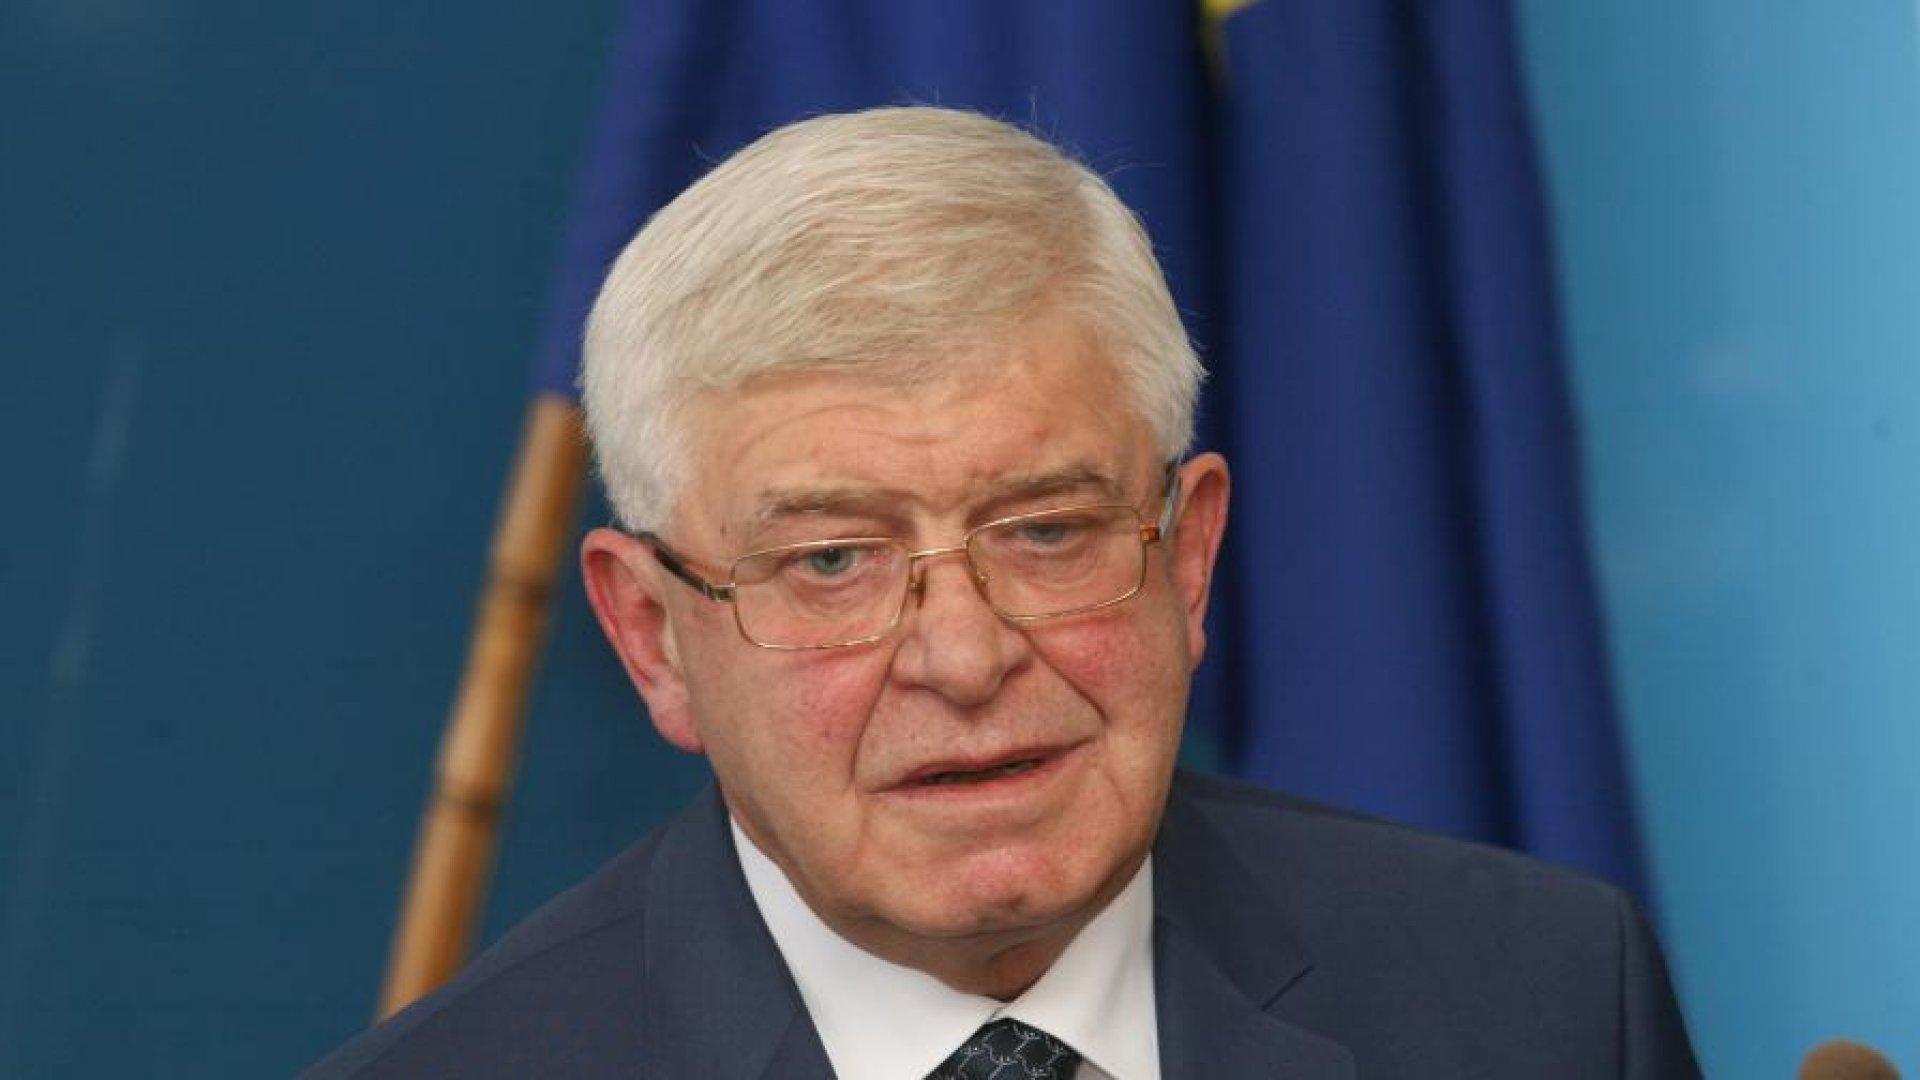 Препоръчваме на областните щабове да засилят контрола във всяка област по спазване на мерките, каза министър Ананиев. Снимка БГНЕС